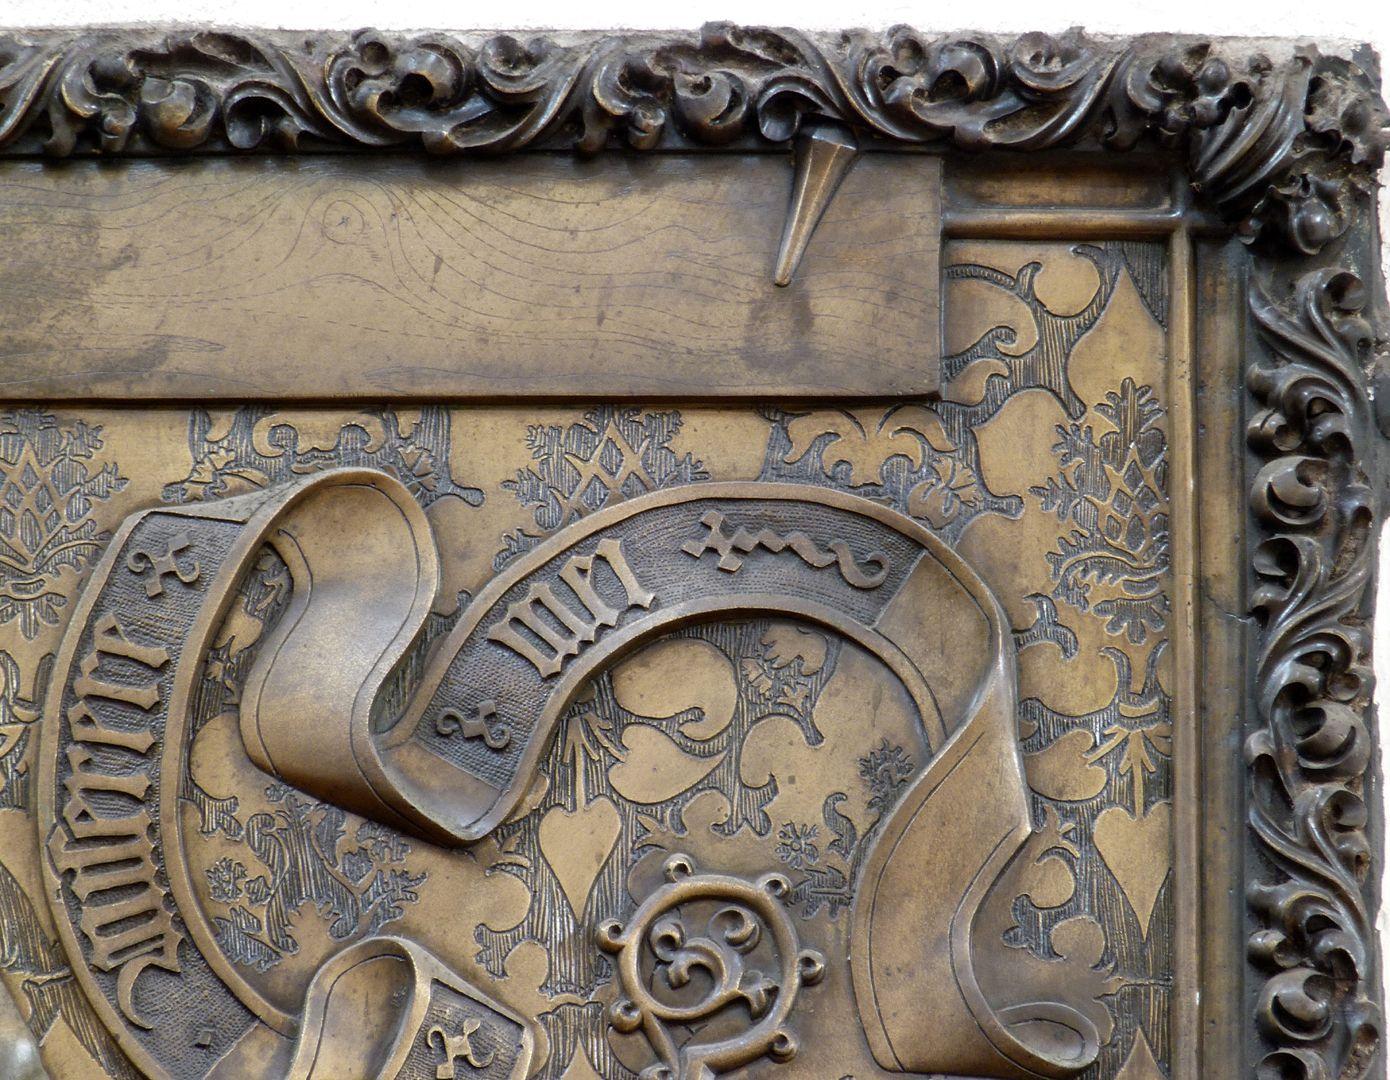 Johannes von Hürnheim und Albrecht von Rechenberg rechte ober Platten, verschiedene Materialtexturen